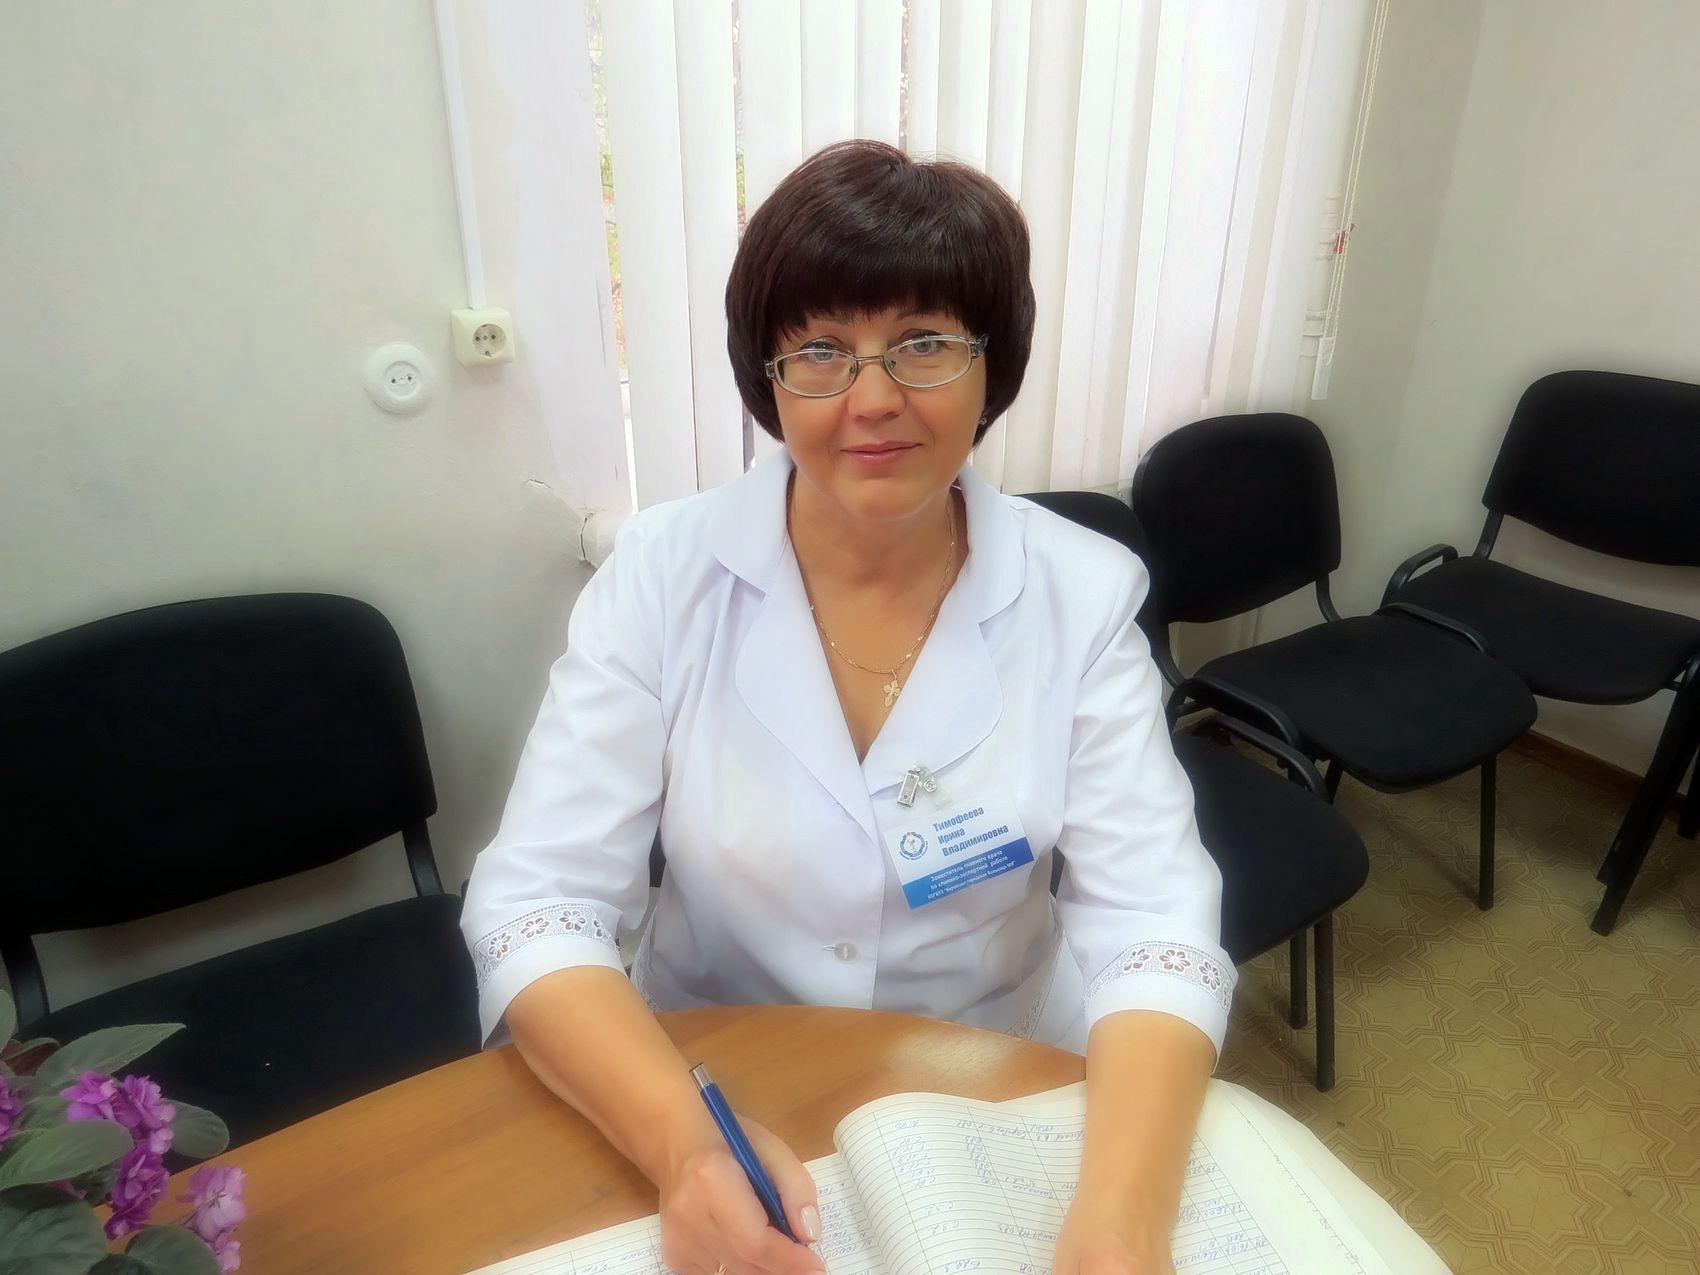 Тимофеева Ирина Владимировна - Заместитель врачебной комиссии